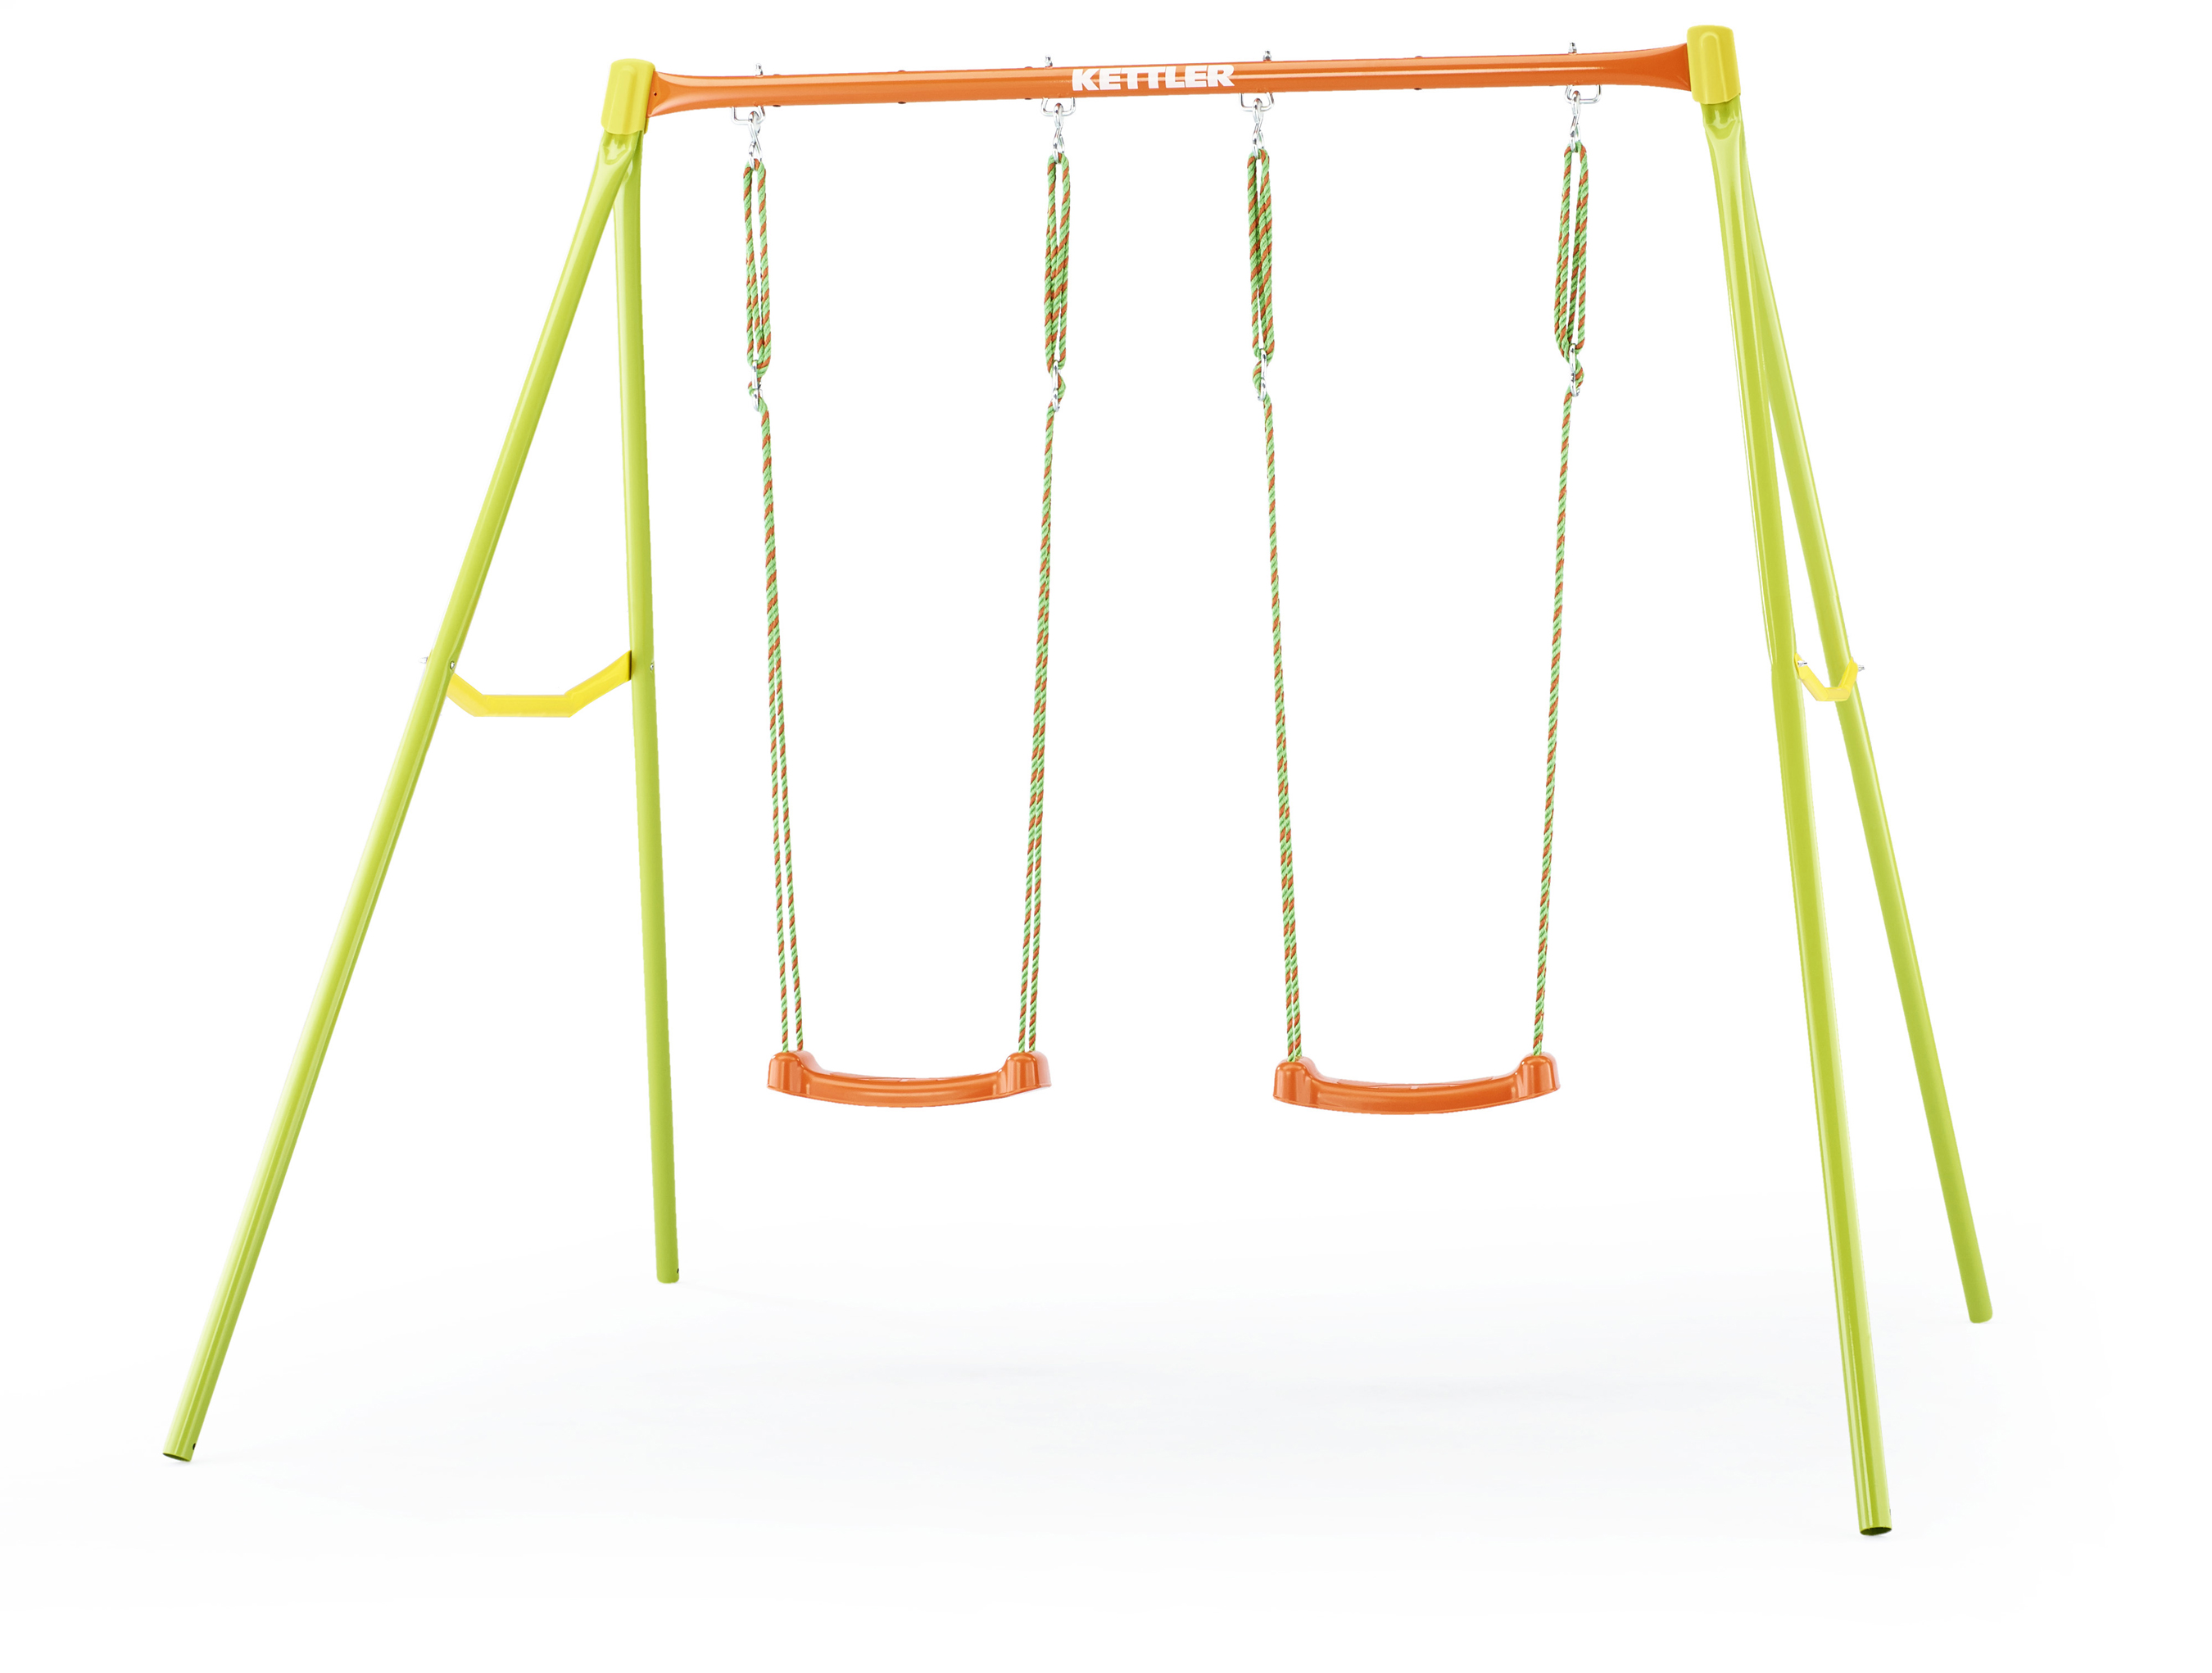 Schaukelgestell / Kinderschaukel Kettler Schaukel 2 0S01042-0010 Bild 1